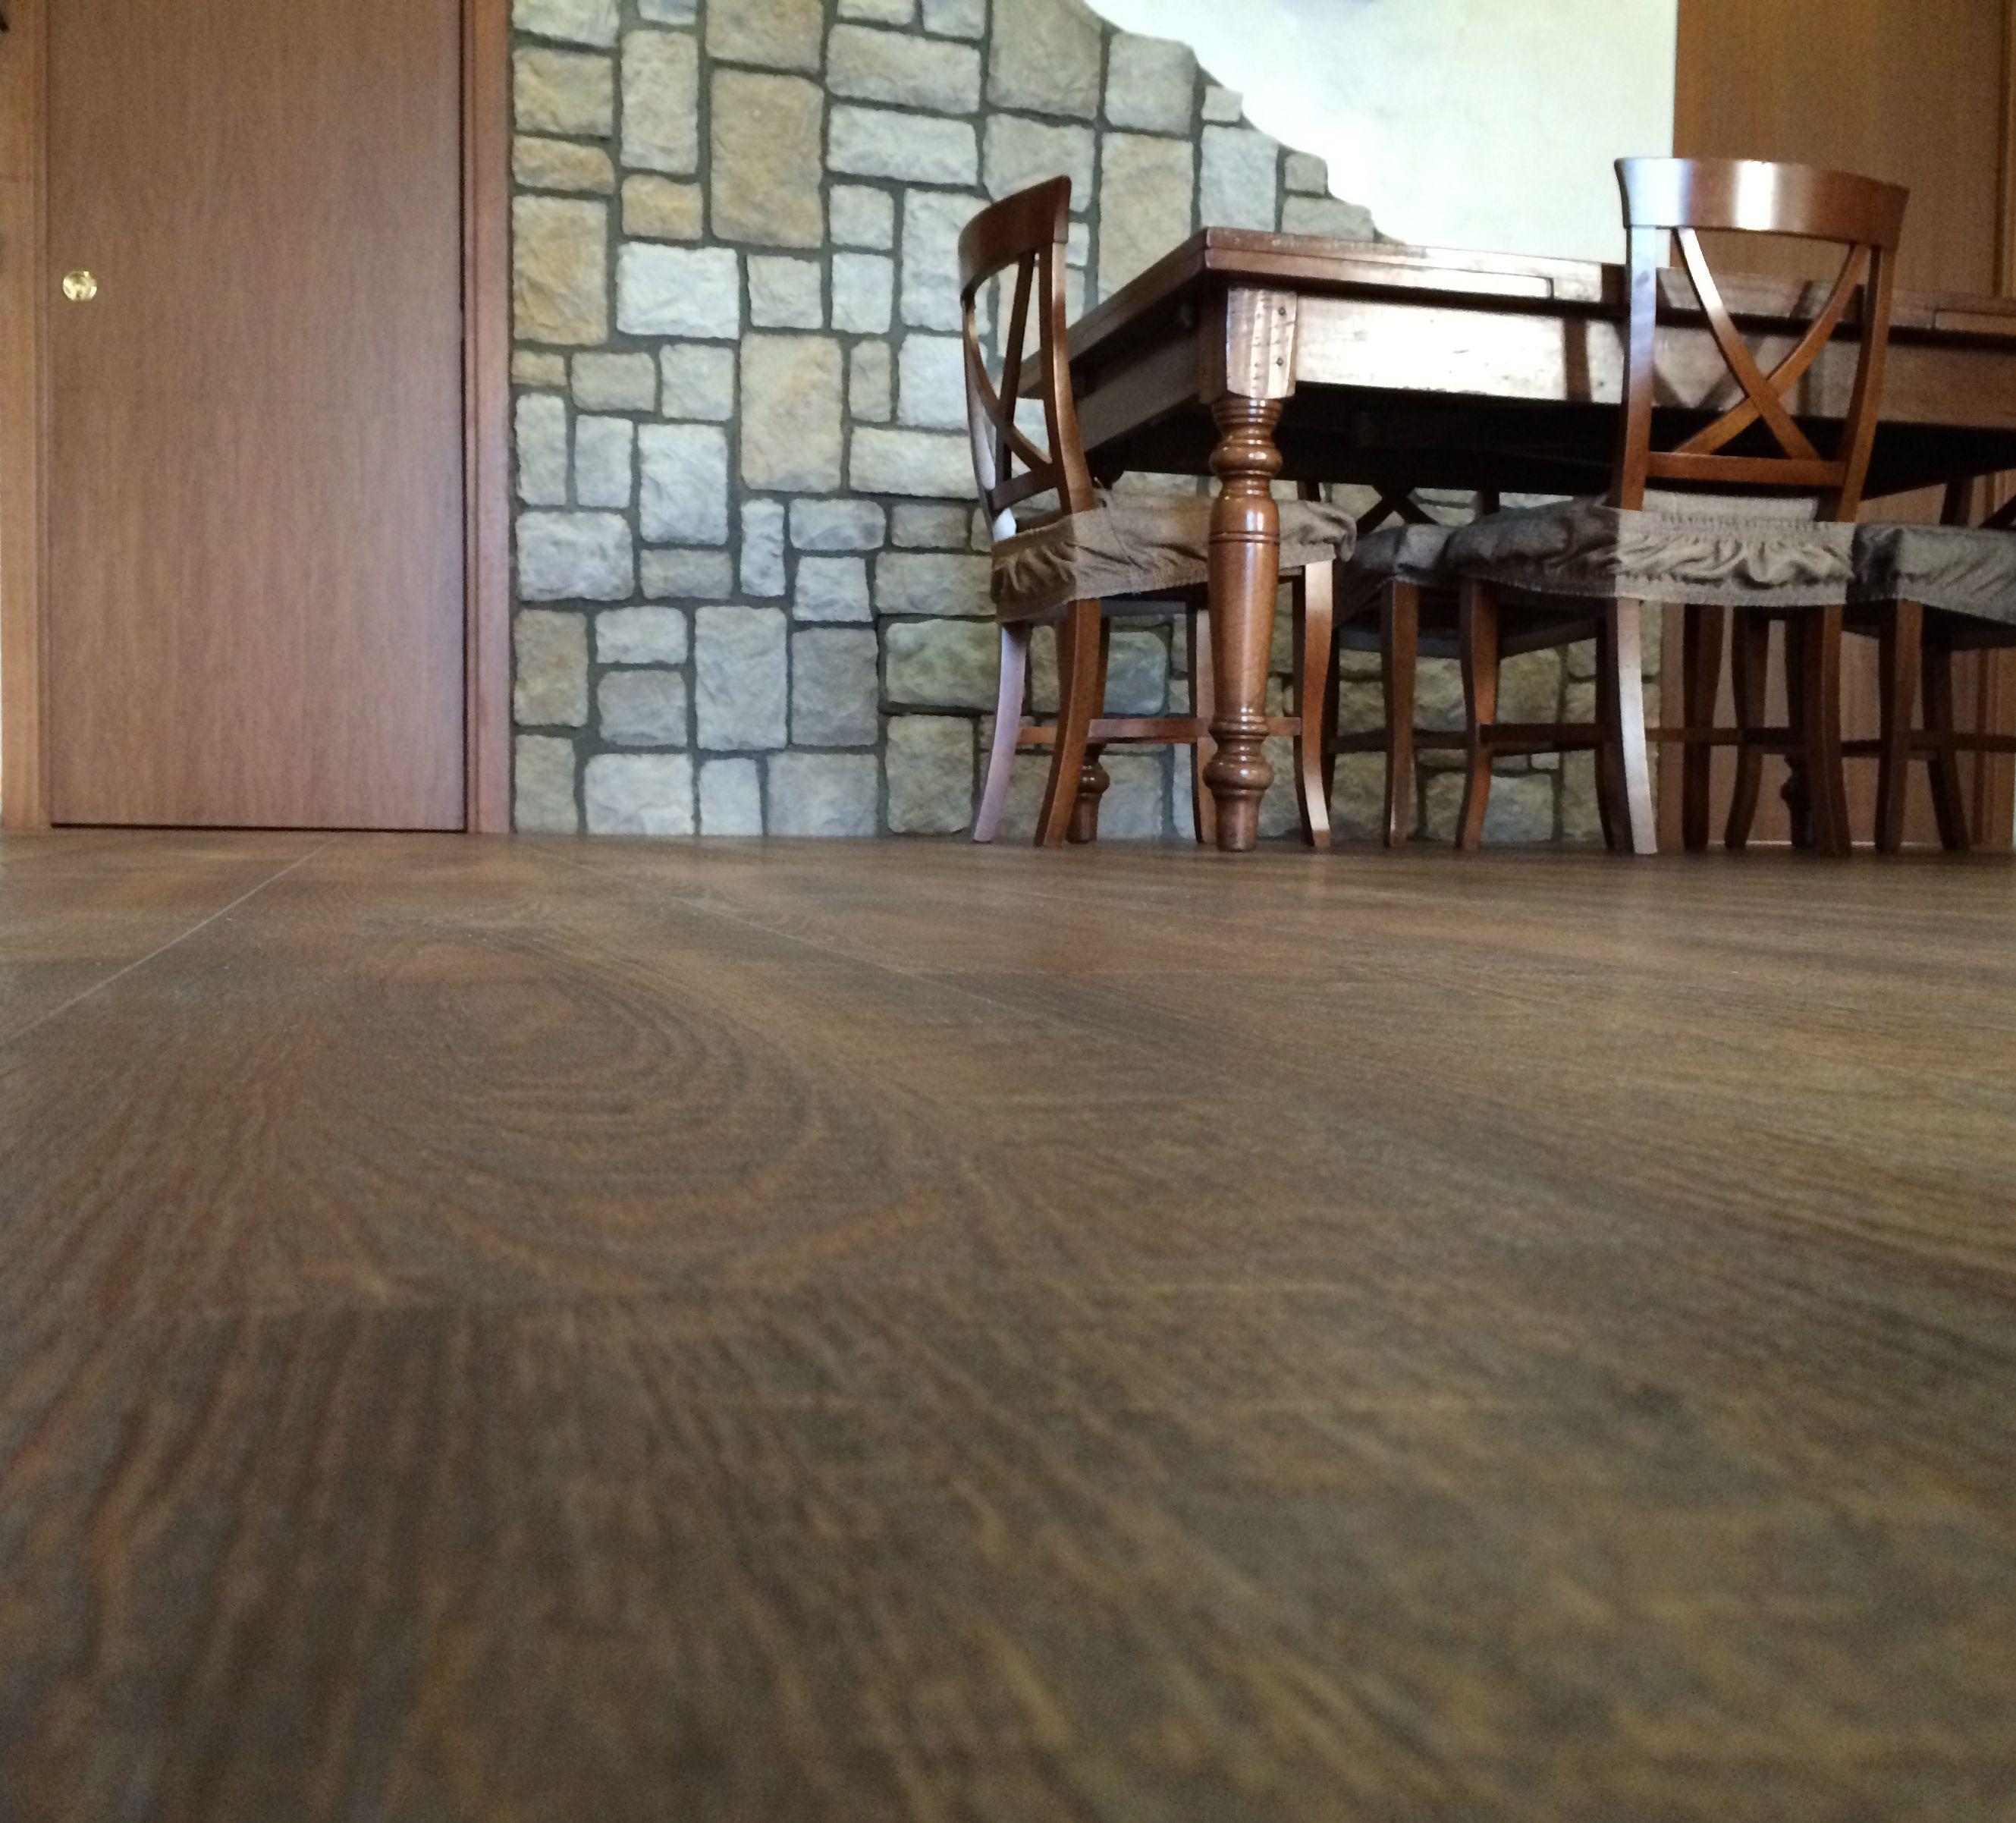 Pavimento In Pvc Effetto Legno pavimento in pvc effetto legno | architettura, pavimenti